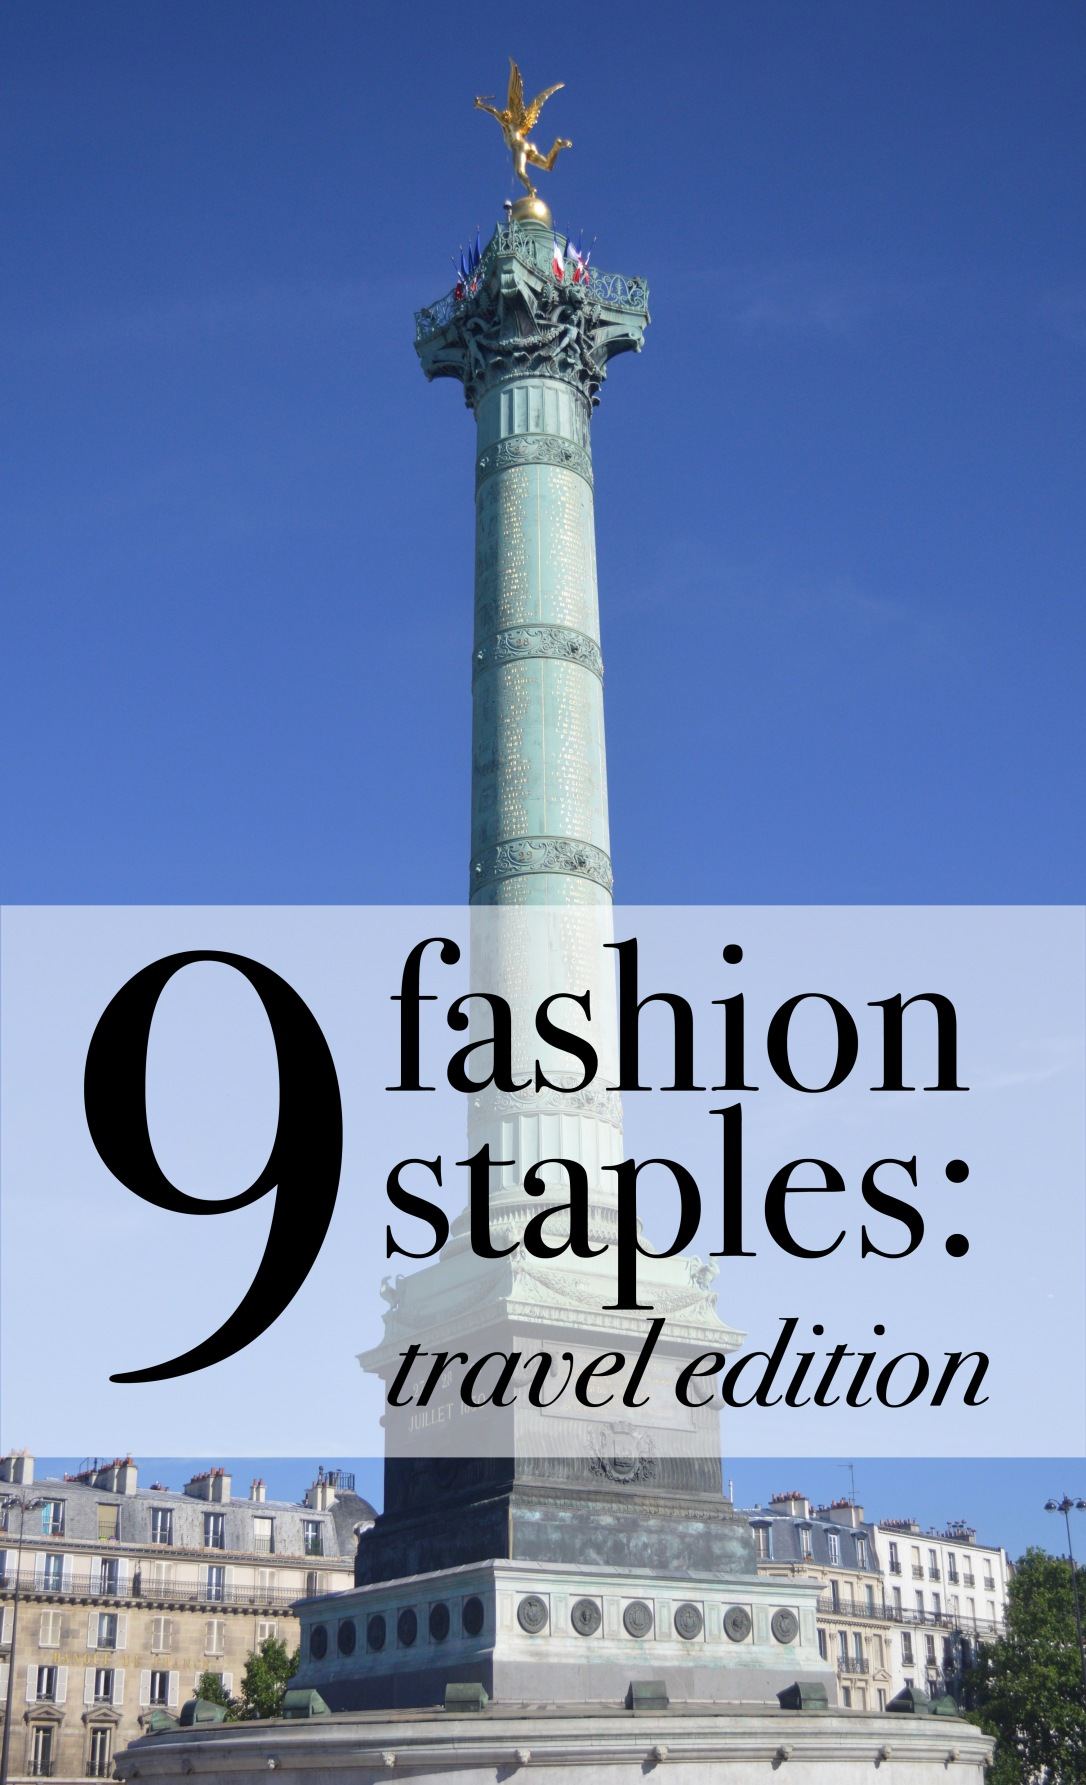 9 Fashion Staples Travel Edition.jpg